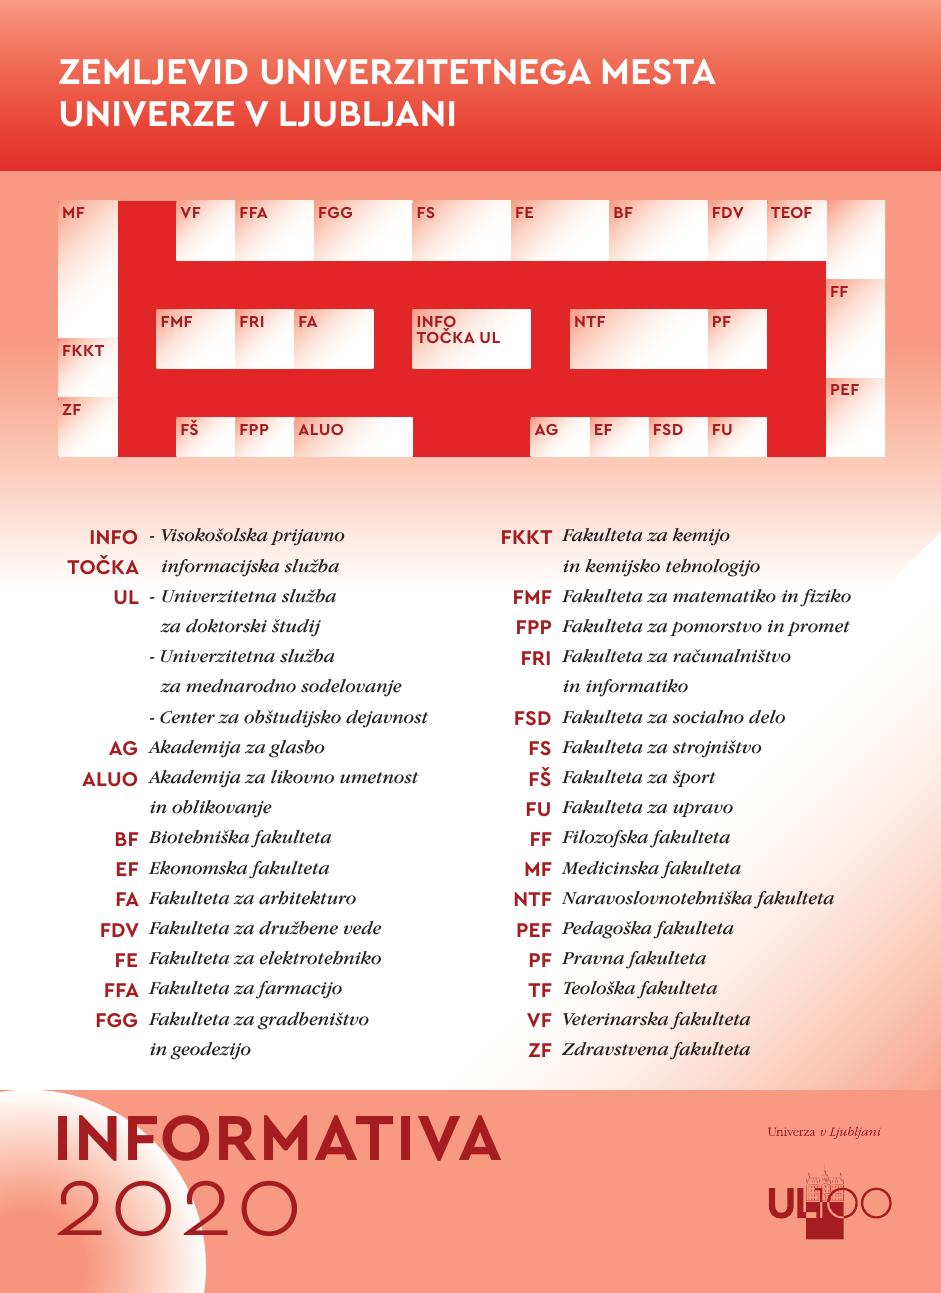 Univerza v Ljubljani na Informativi 2020 2